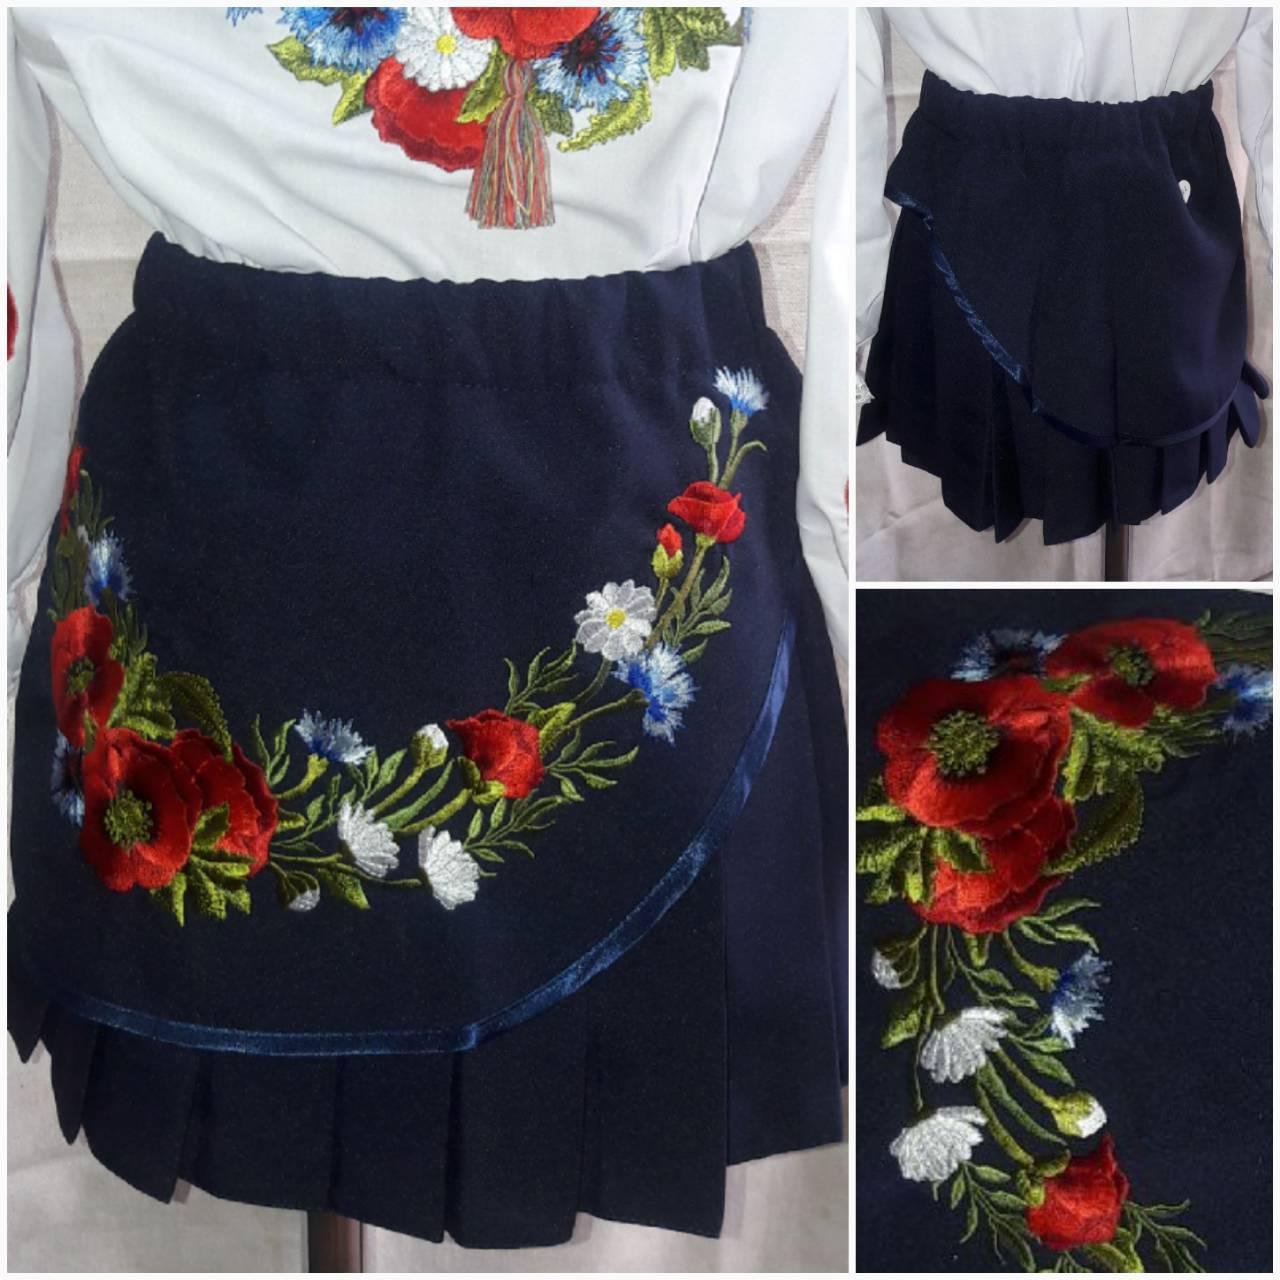 Детская юбка с вышивкой, темно синего цвета, рост 116-146 см., 200/165 (цена за 1 шт. + 35 гр.)